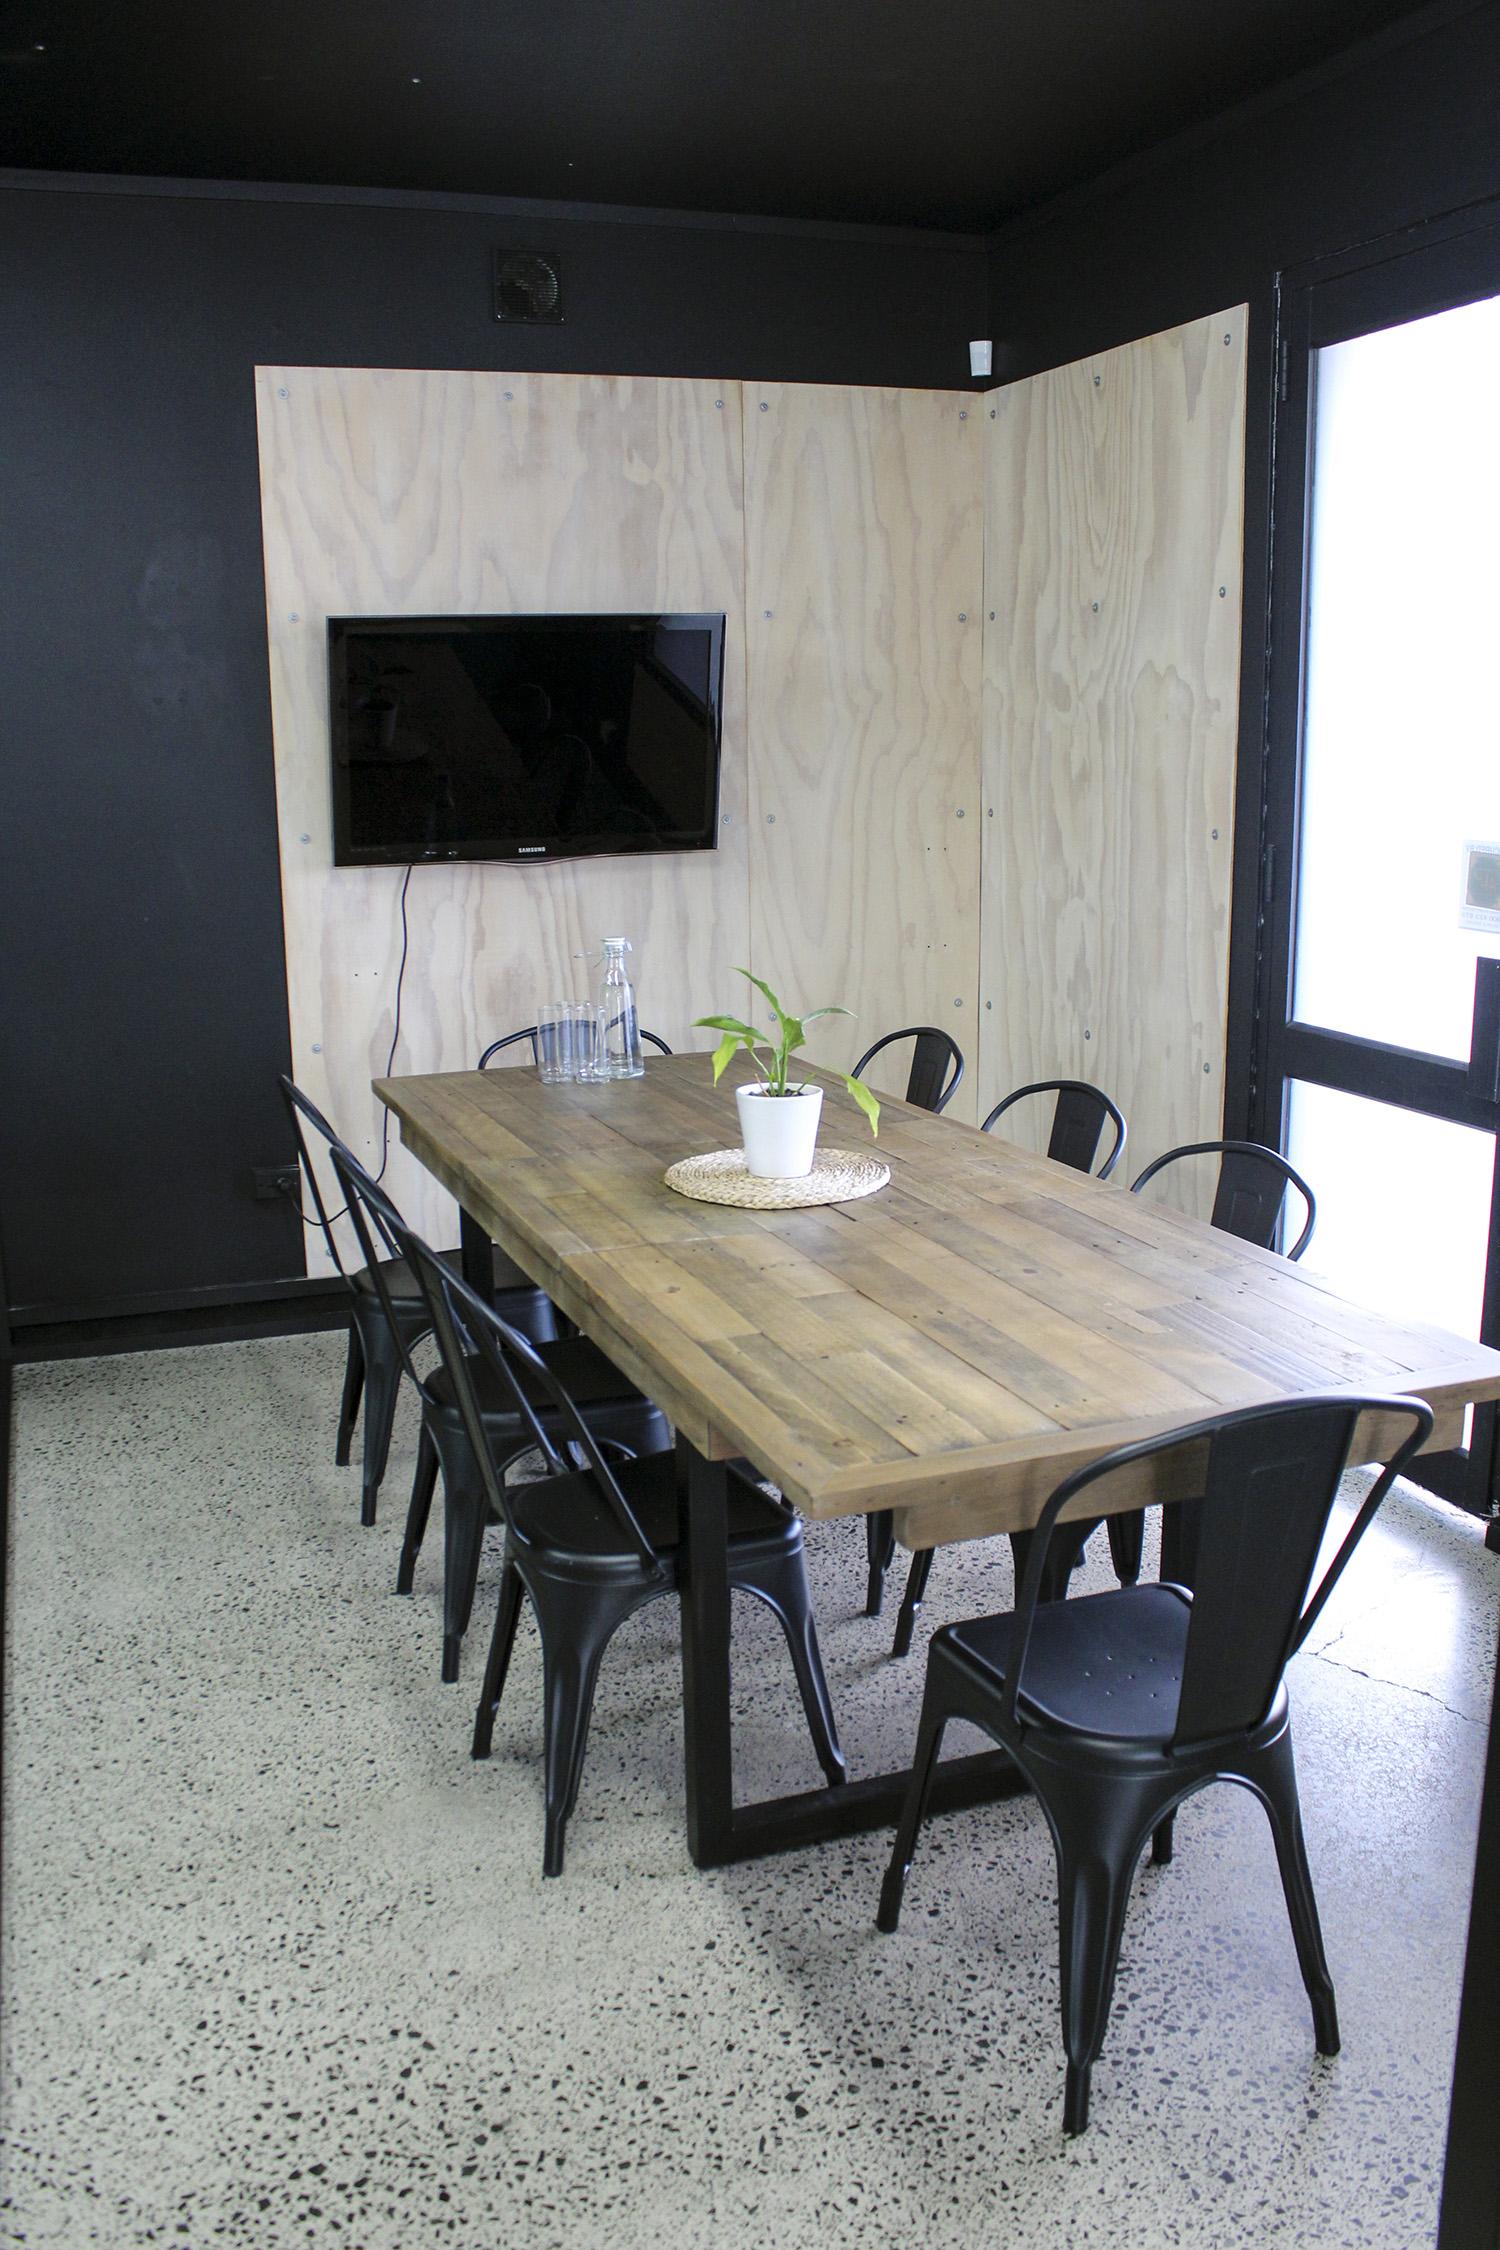 Inkdrop_Meeting_Room-2.jpg